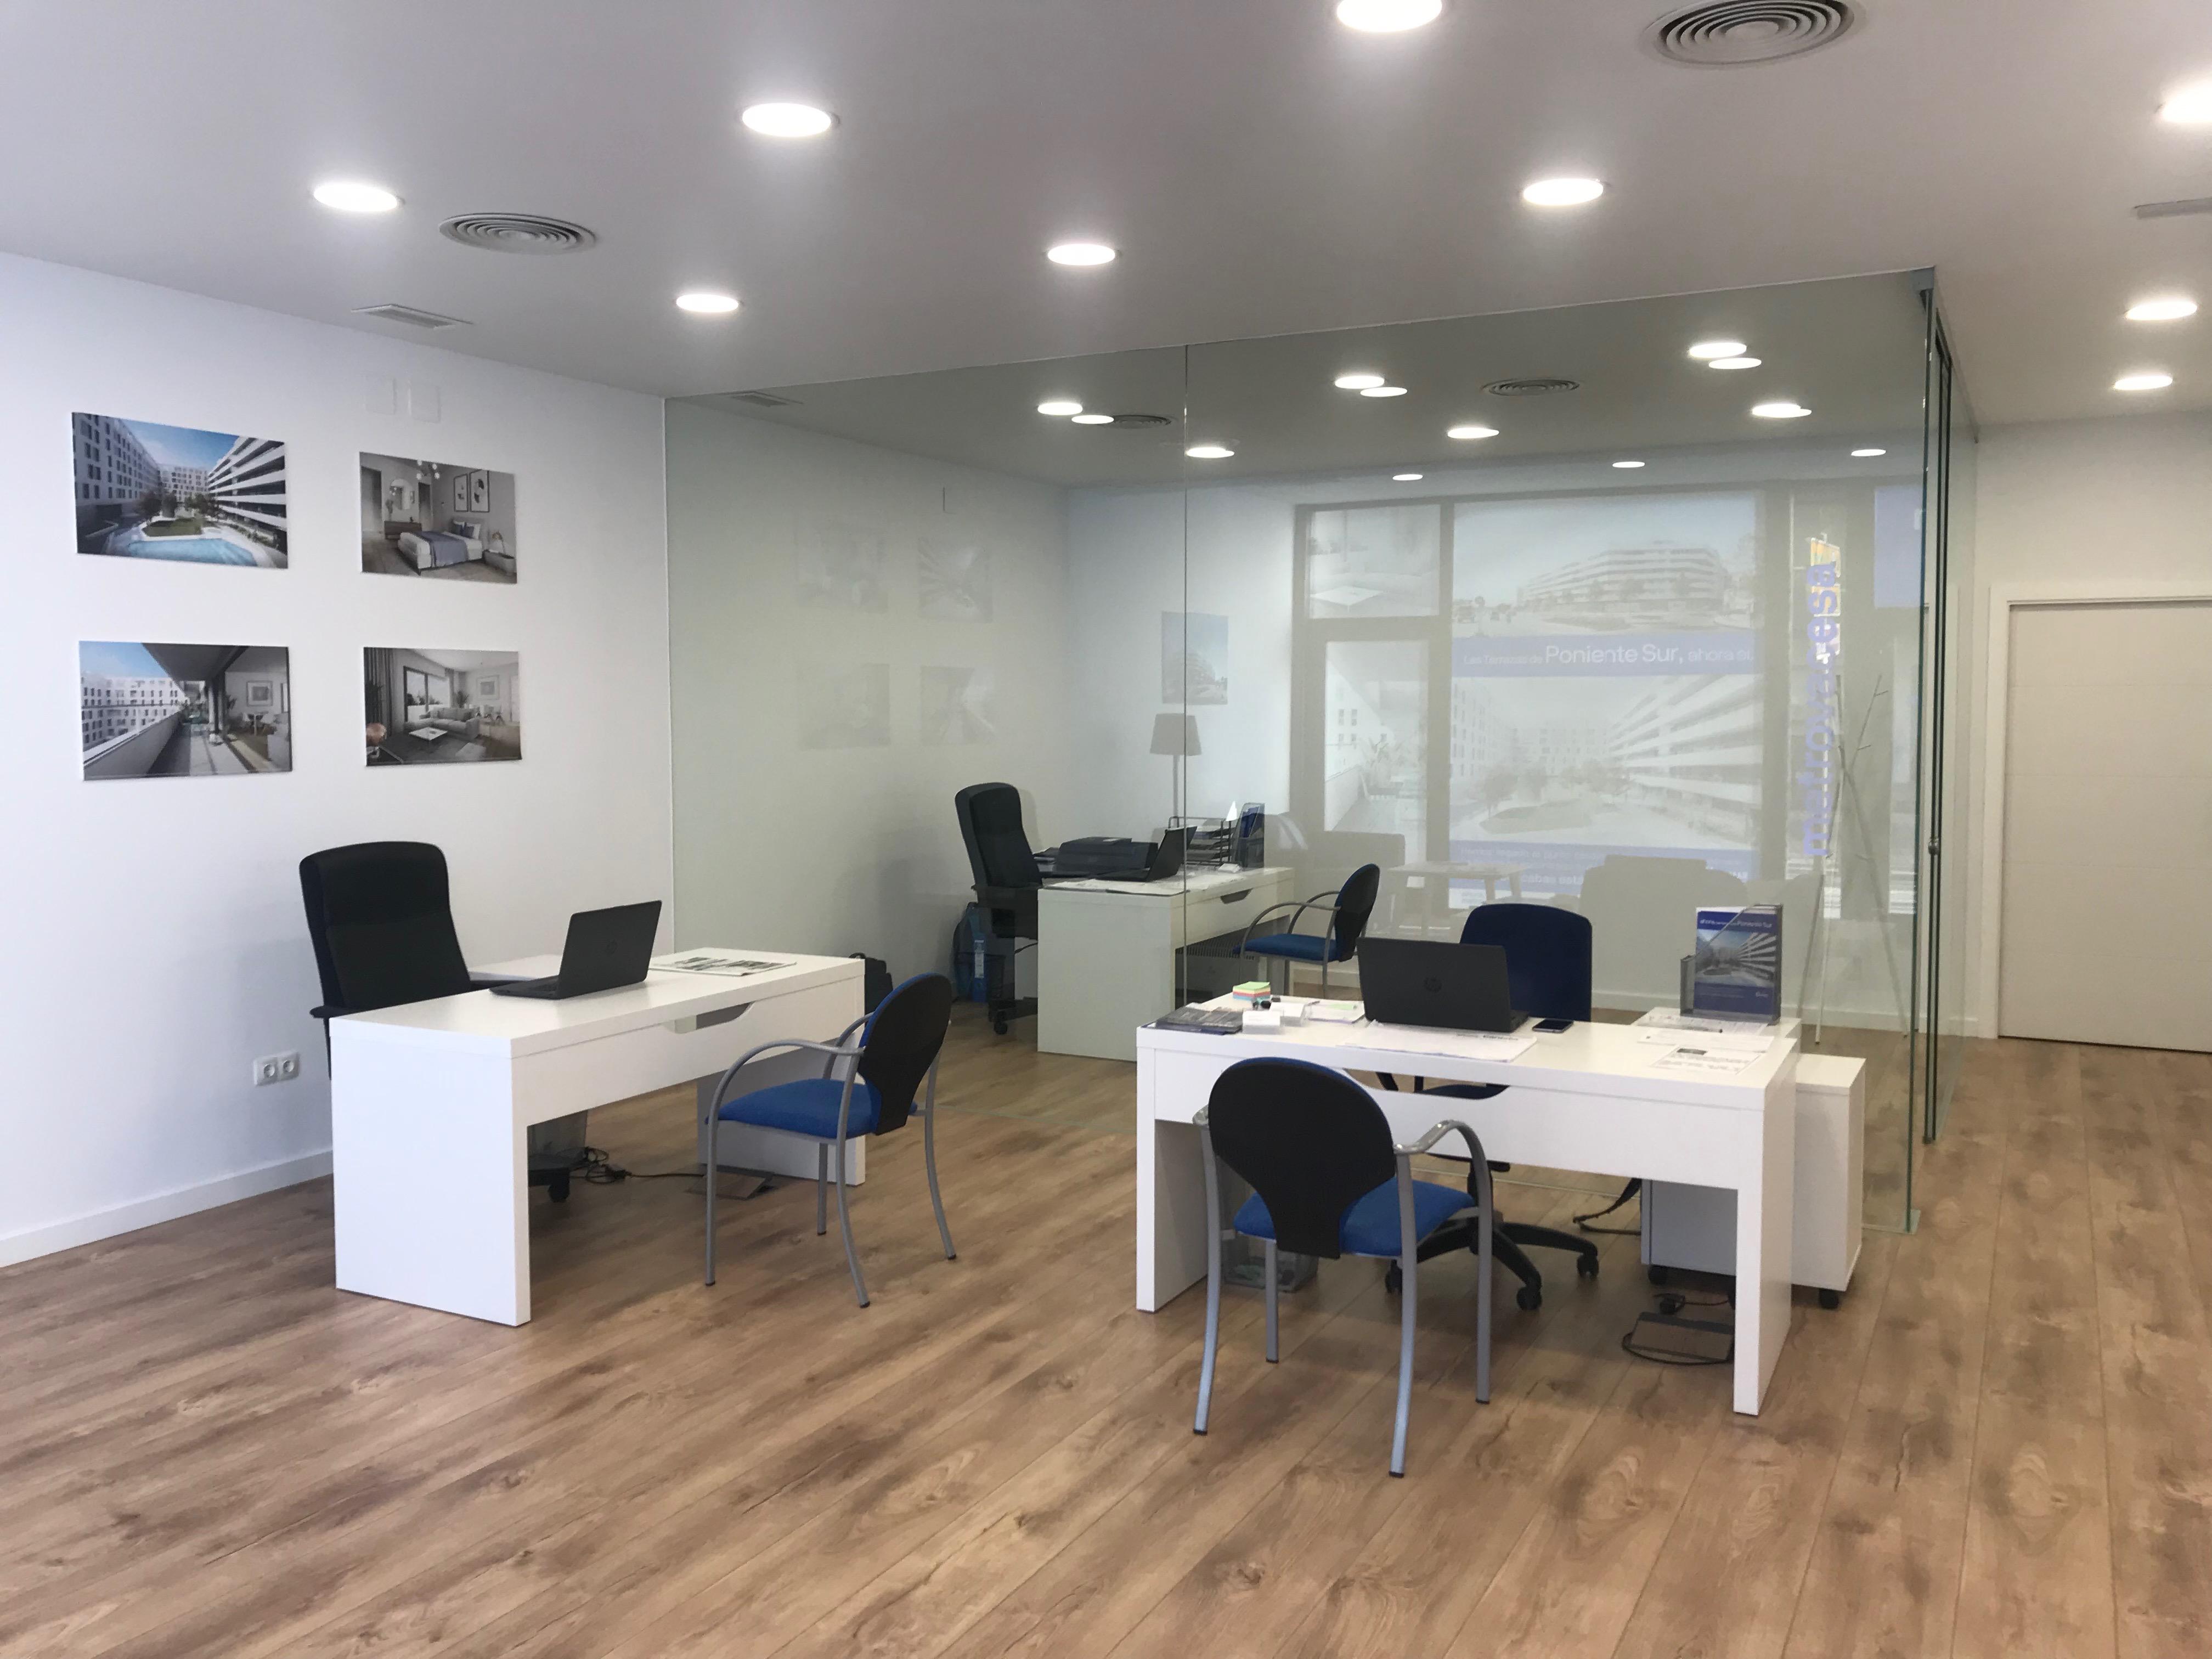 Oficinas de Córdoba